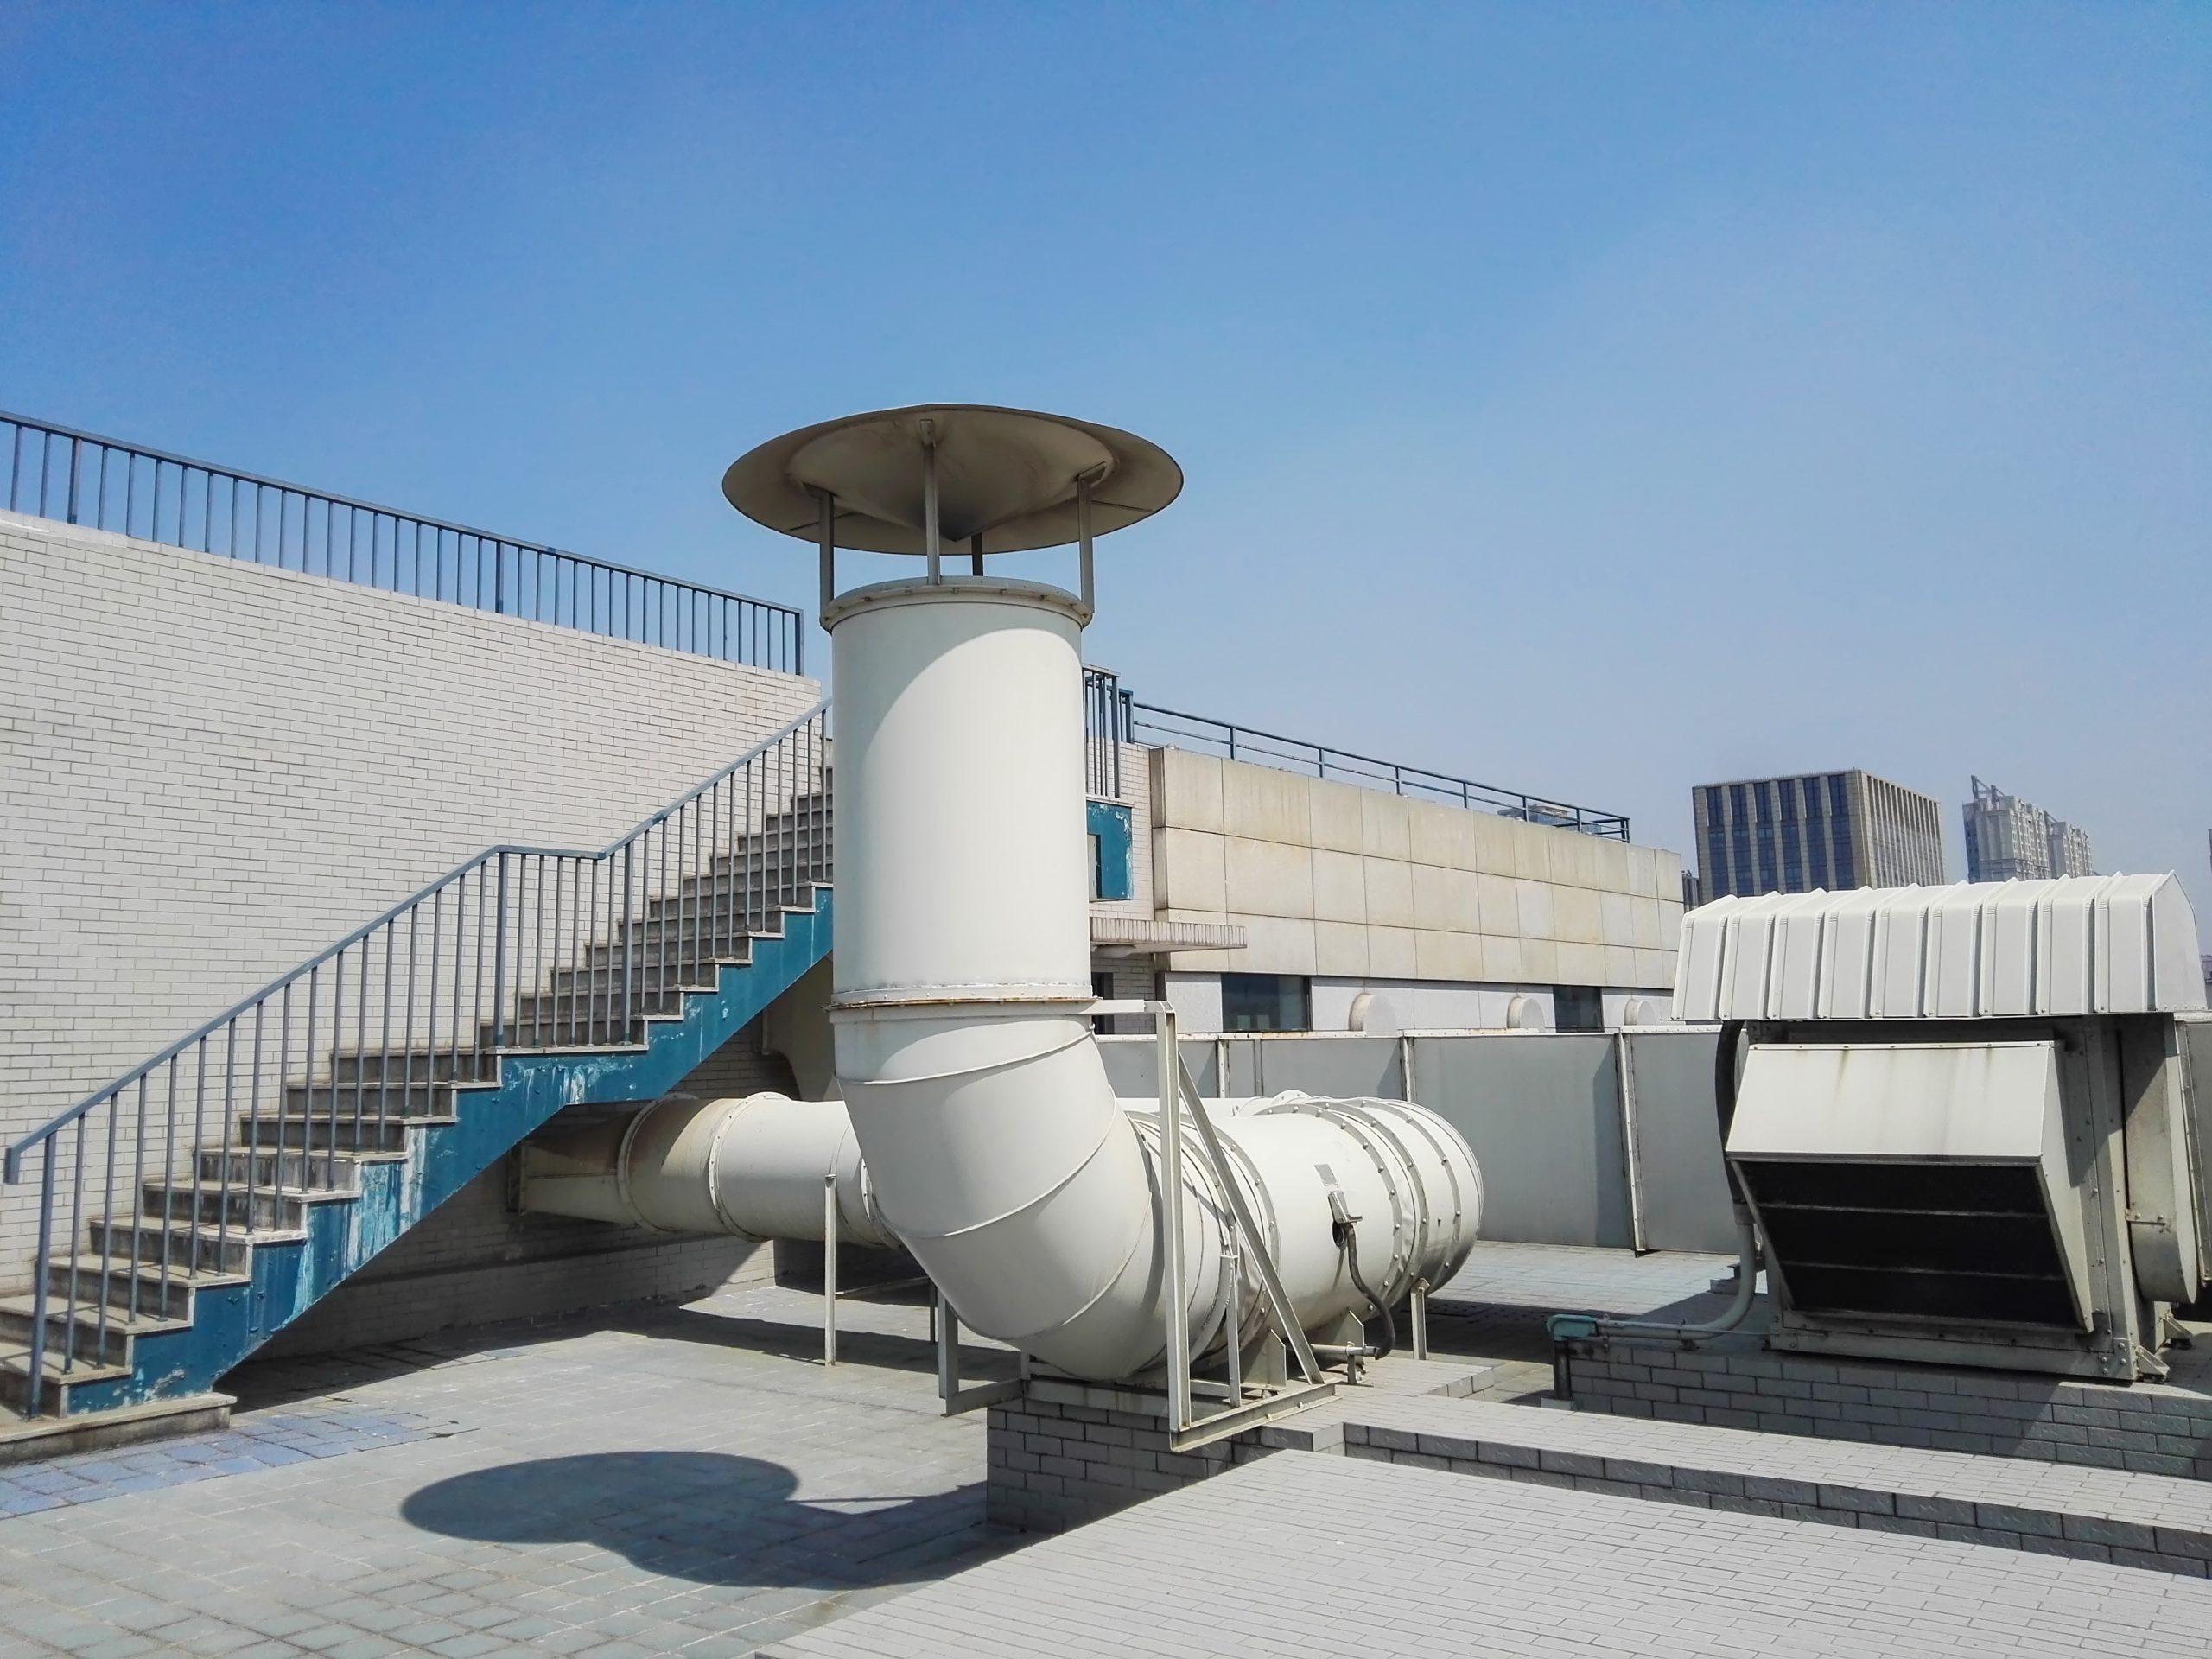 Ductos de aire: ¿por qué deben limpiarse? Conoce los 4 beneficios